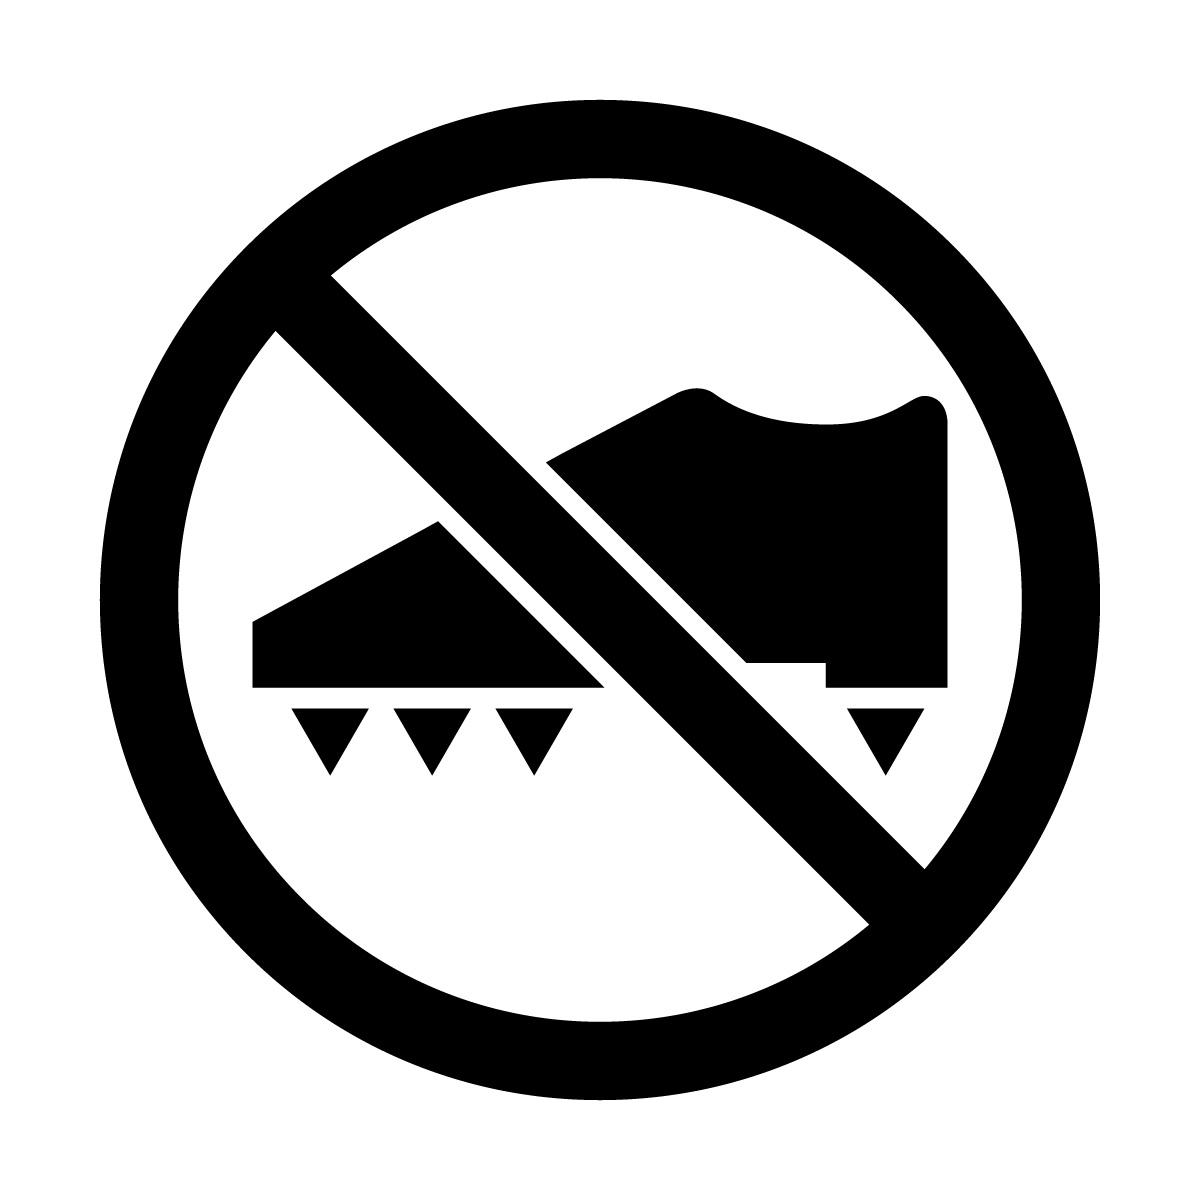 黒色のスパイク着用・使用禁止マークのカッティングステッカー・シール 光沢タイプ・防水・耐水・屋外耐候3~4年